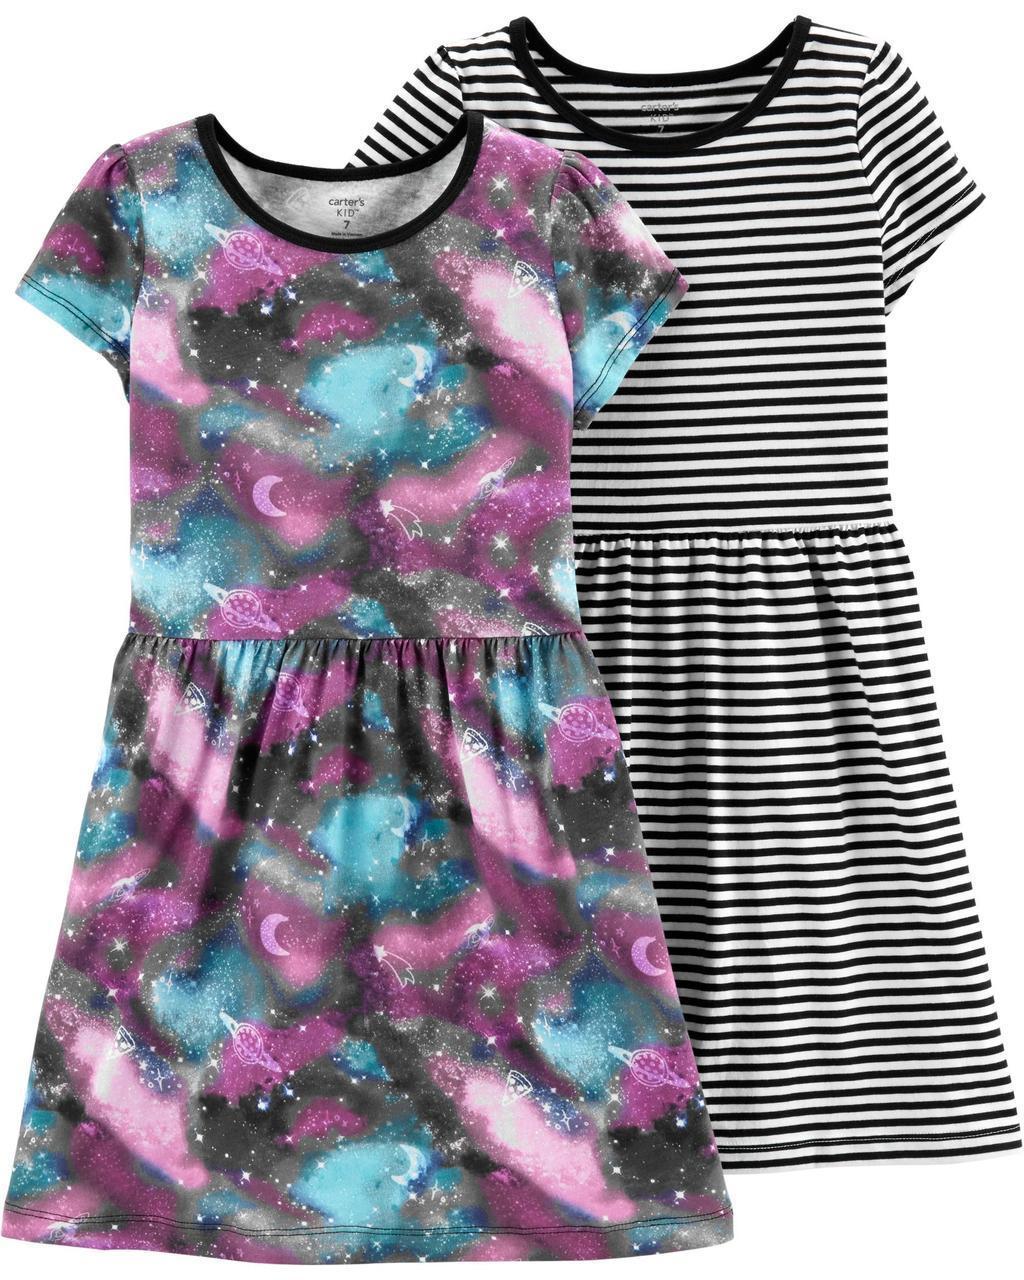 Качественные трикотажные платья Картерс для девочки (поштучно)